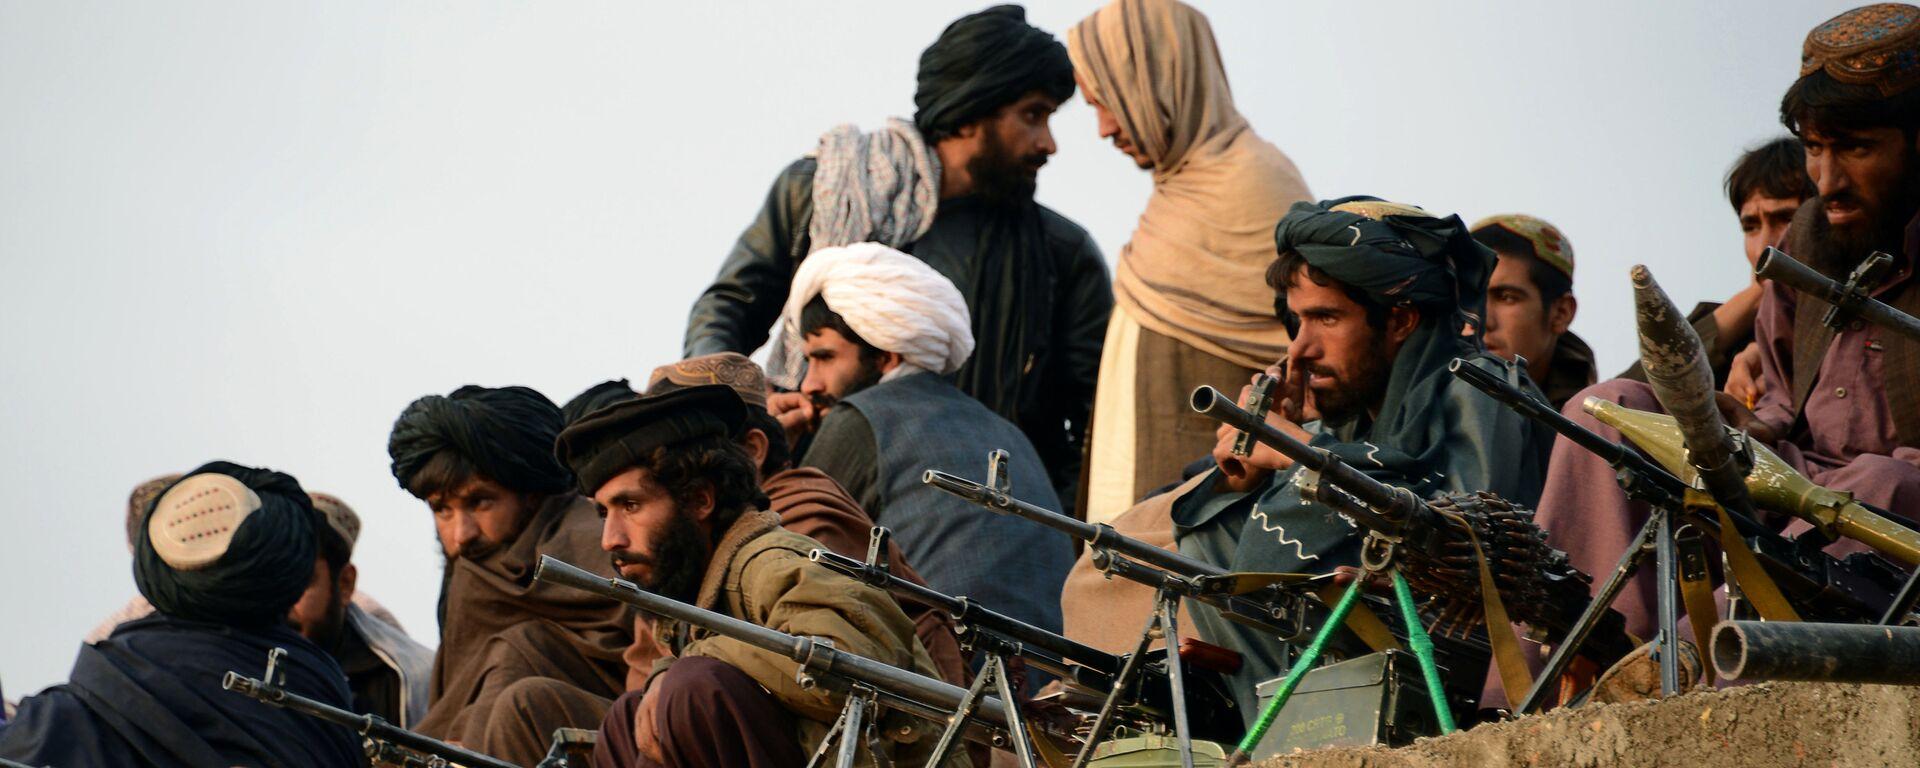 Combatientes de Talibán en Afganistán (archivo) - Sputnik Mundo, 1920, 12.08.2021